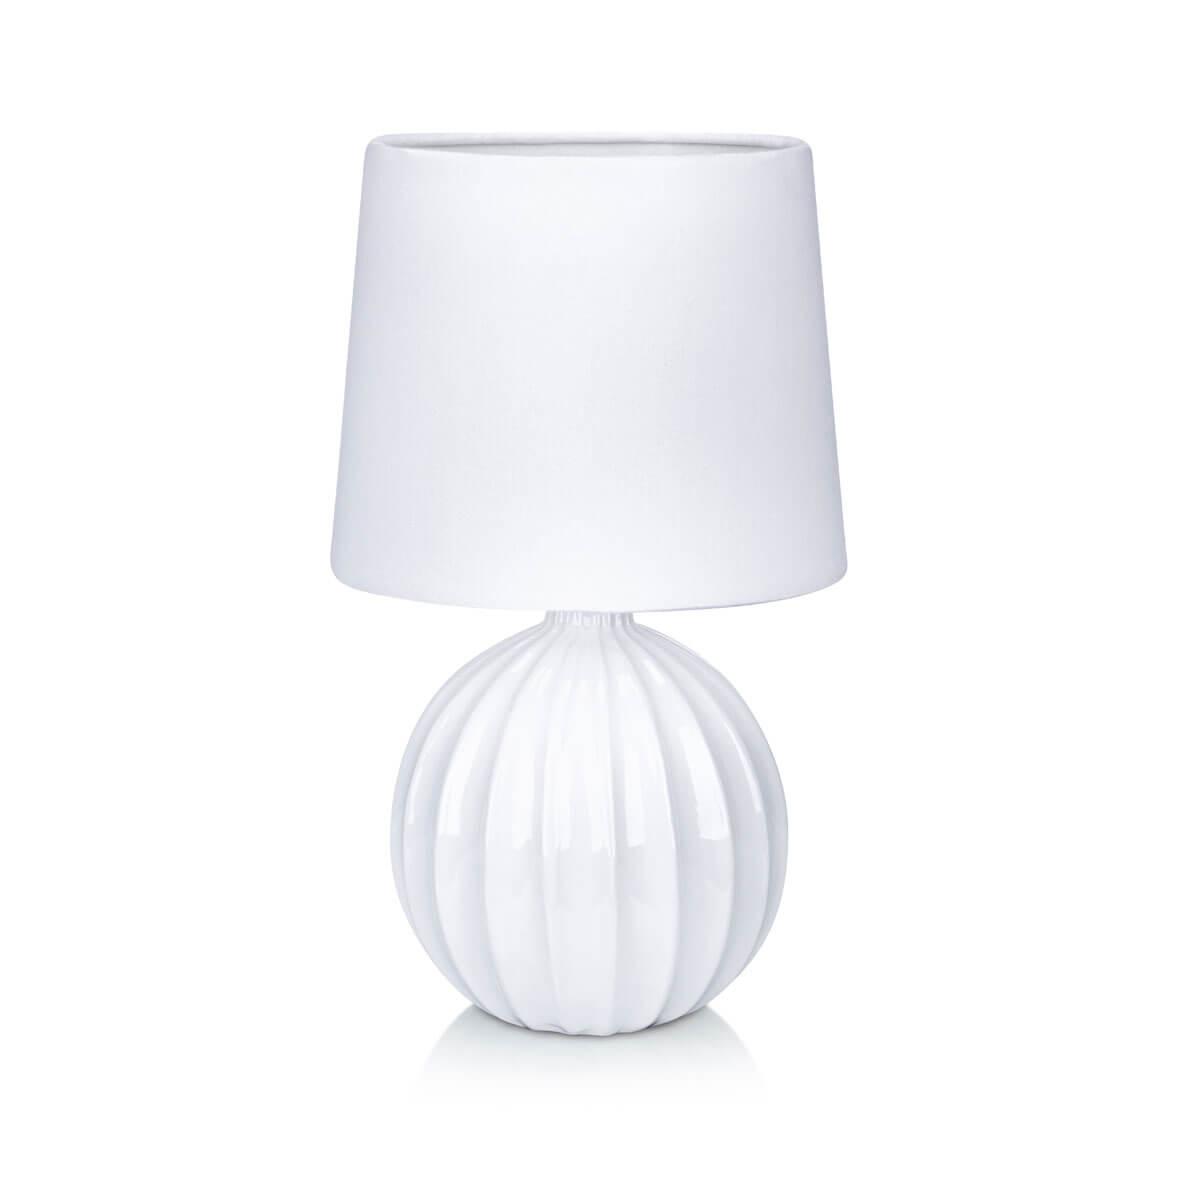 Настольная лампа Markslojd 106884 Melanie